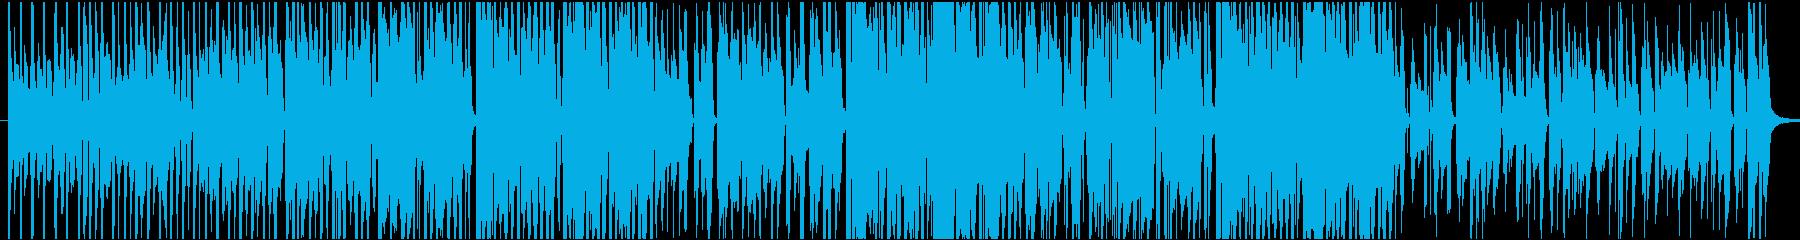 代替案 ポップ トロピカル アクテ...の再生済みの波形